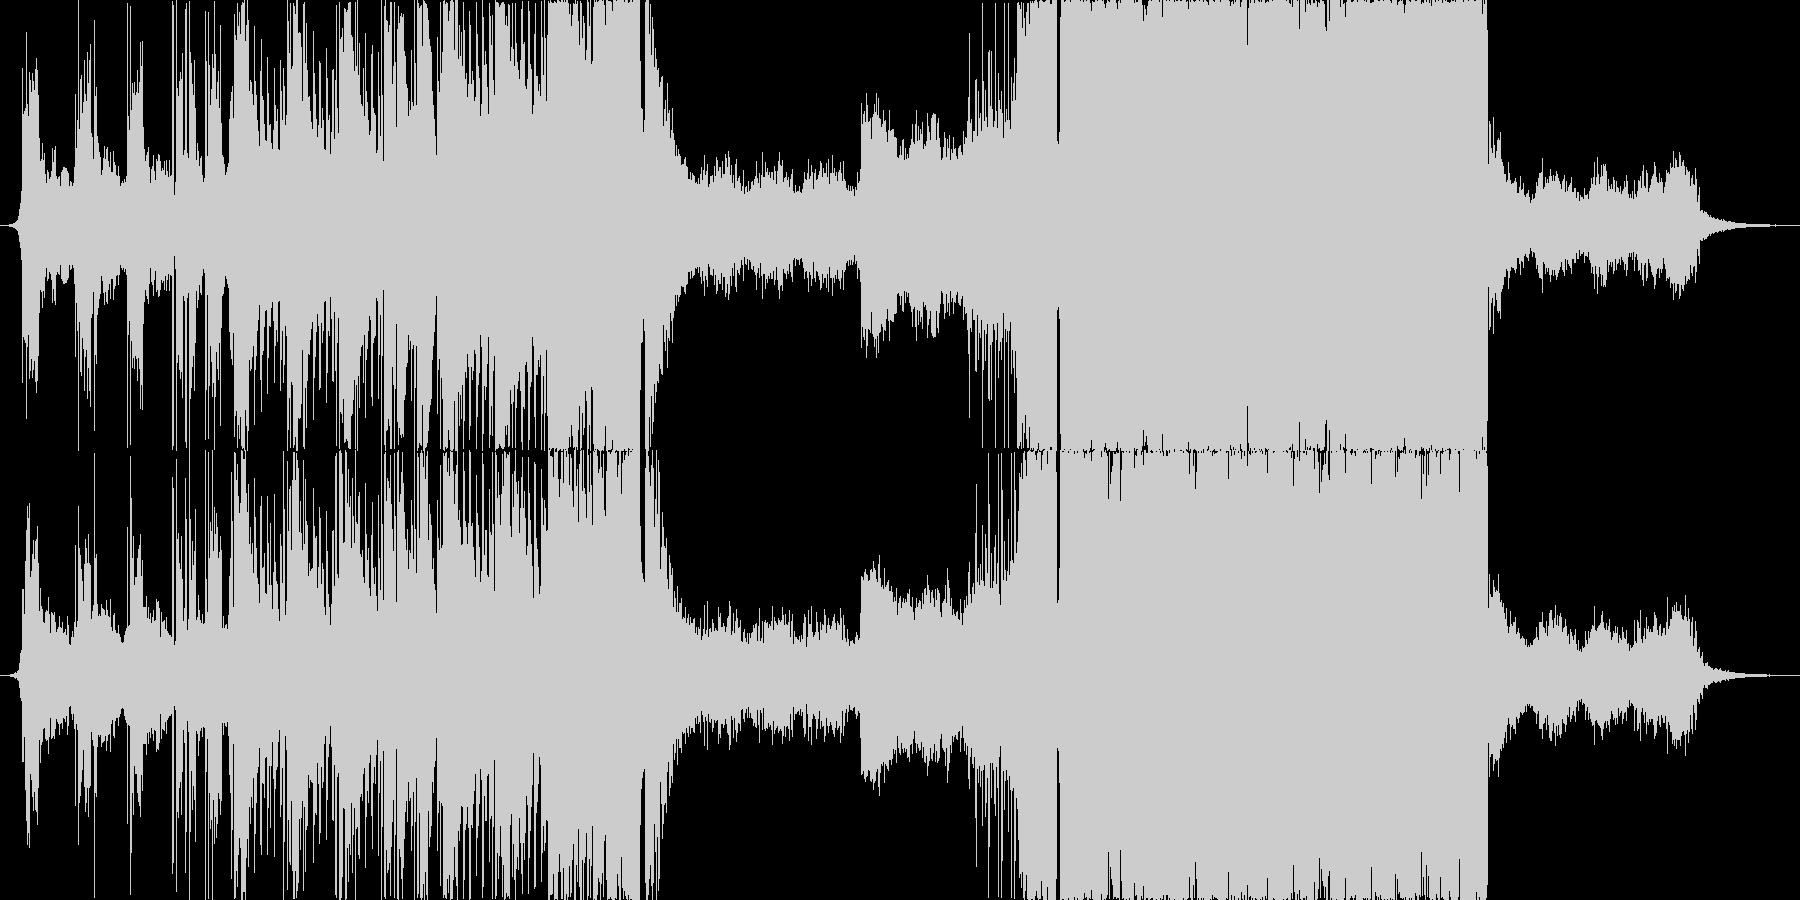 キャッチーなメロのEDMサウンドの未再生の波形